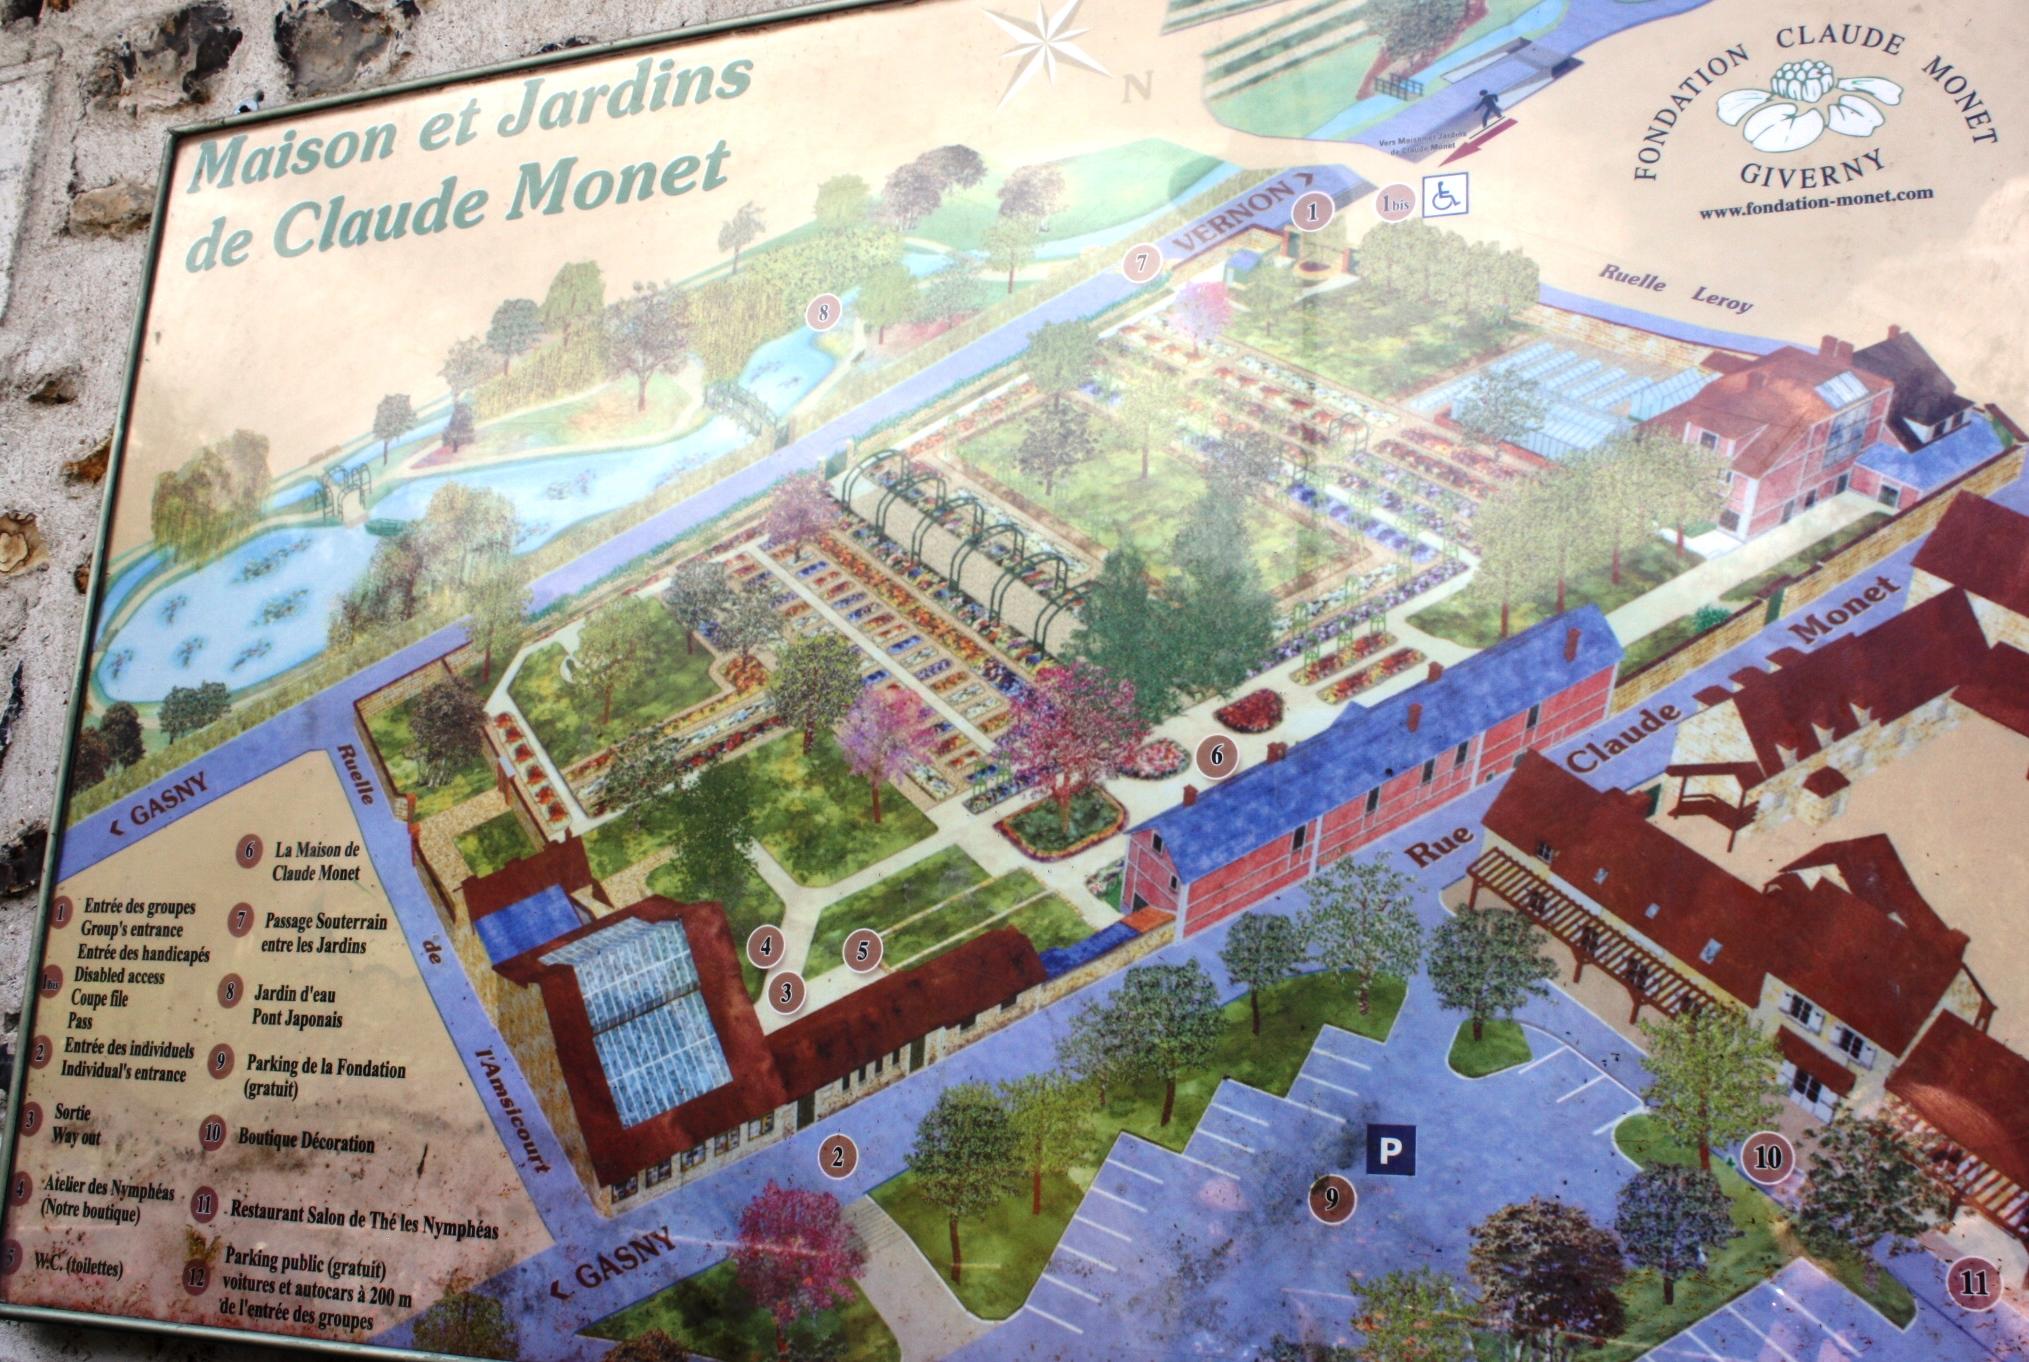 giverny-monet-garden-france-travelgrip- (8)